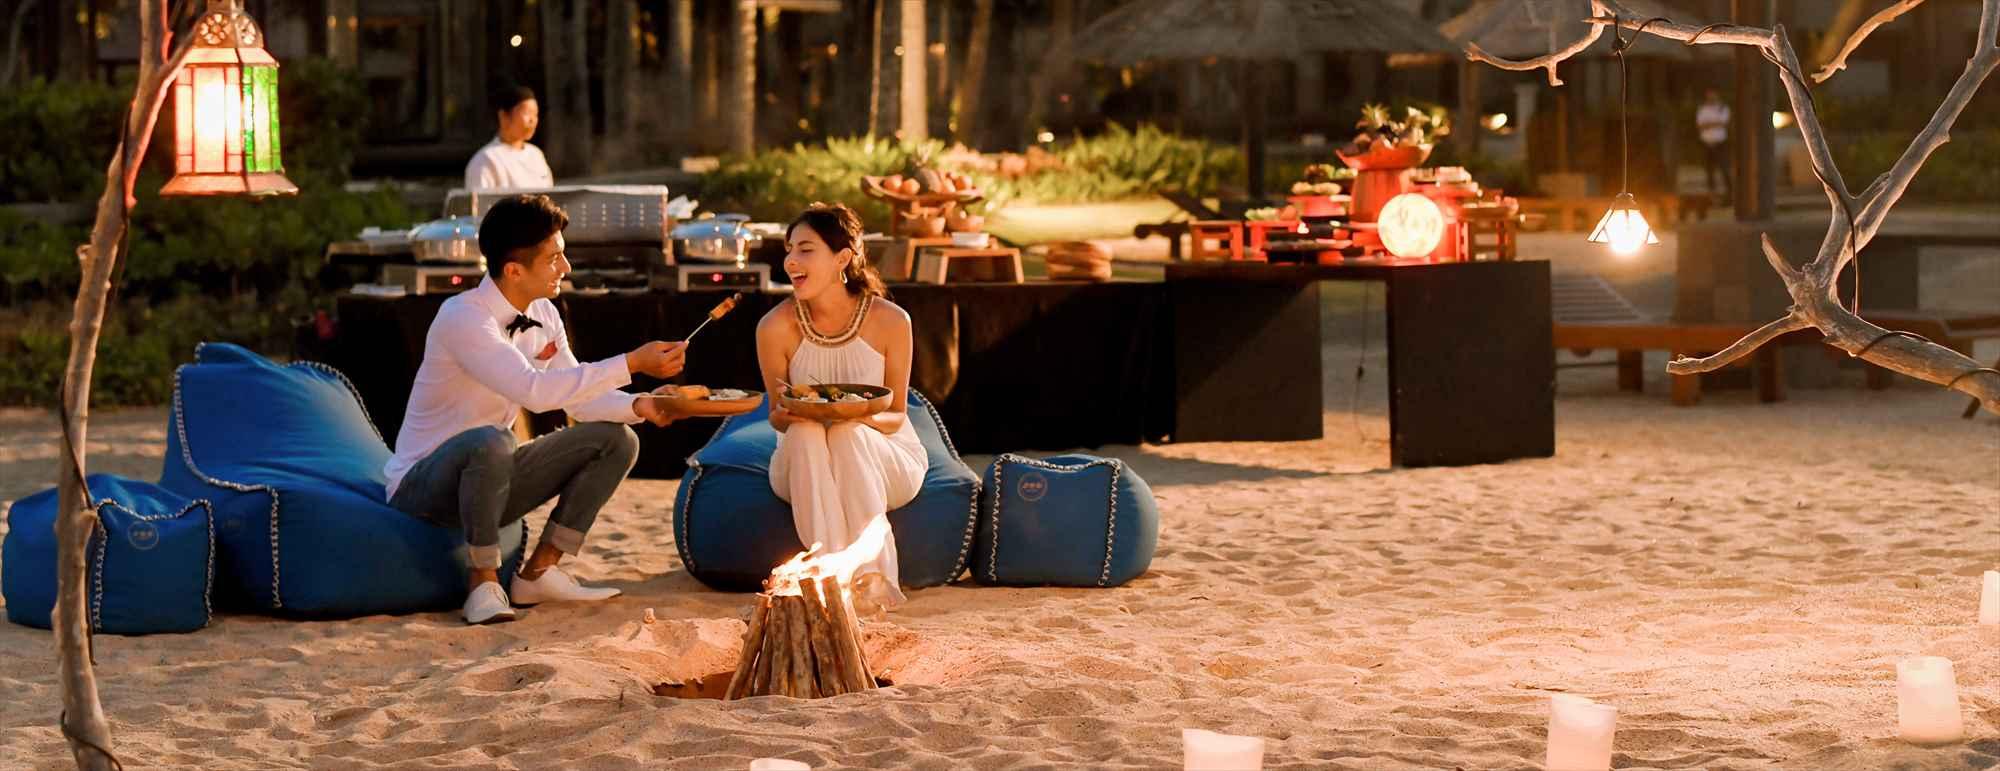 バリ島ビーチ・ロマンティックディナー Conrad Bali Beach Romantic Dinner BBQ コンラッド・バリ ビーチBBQディナー